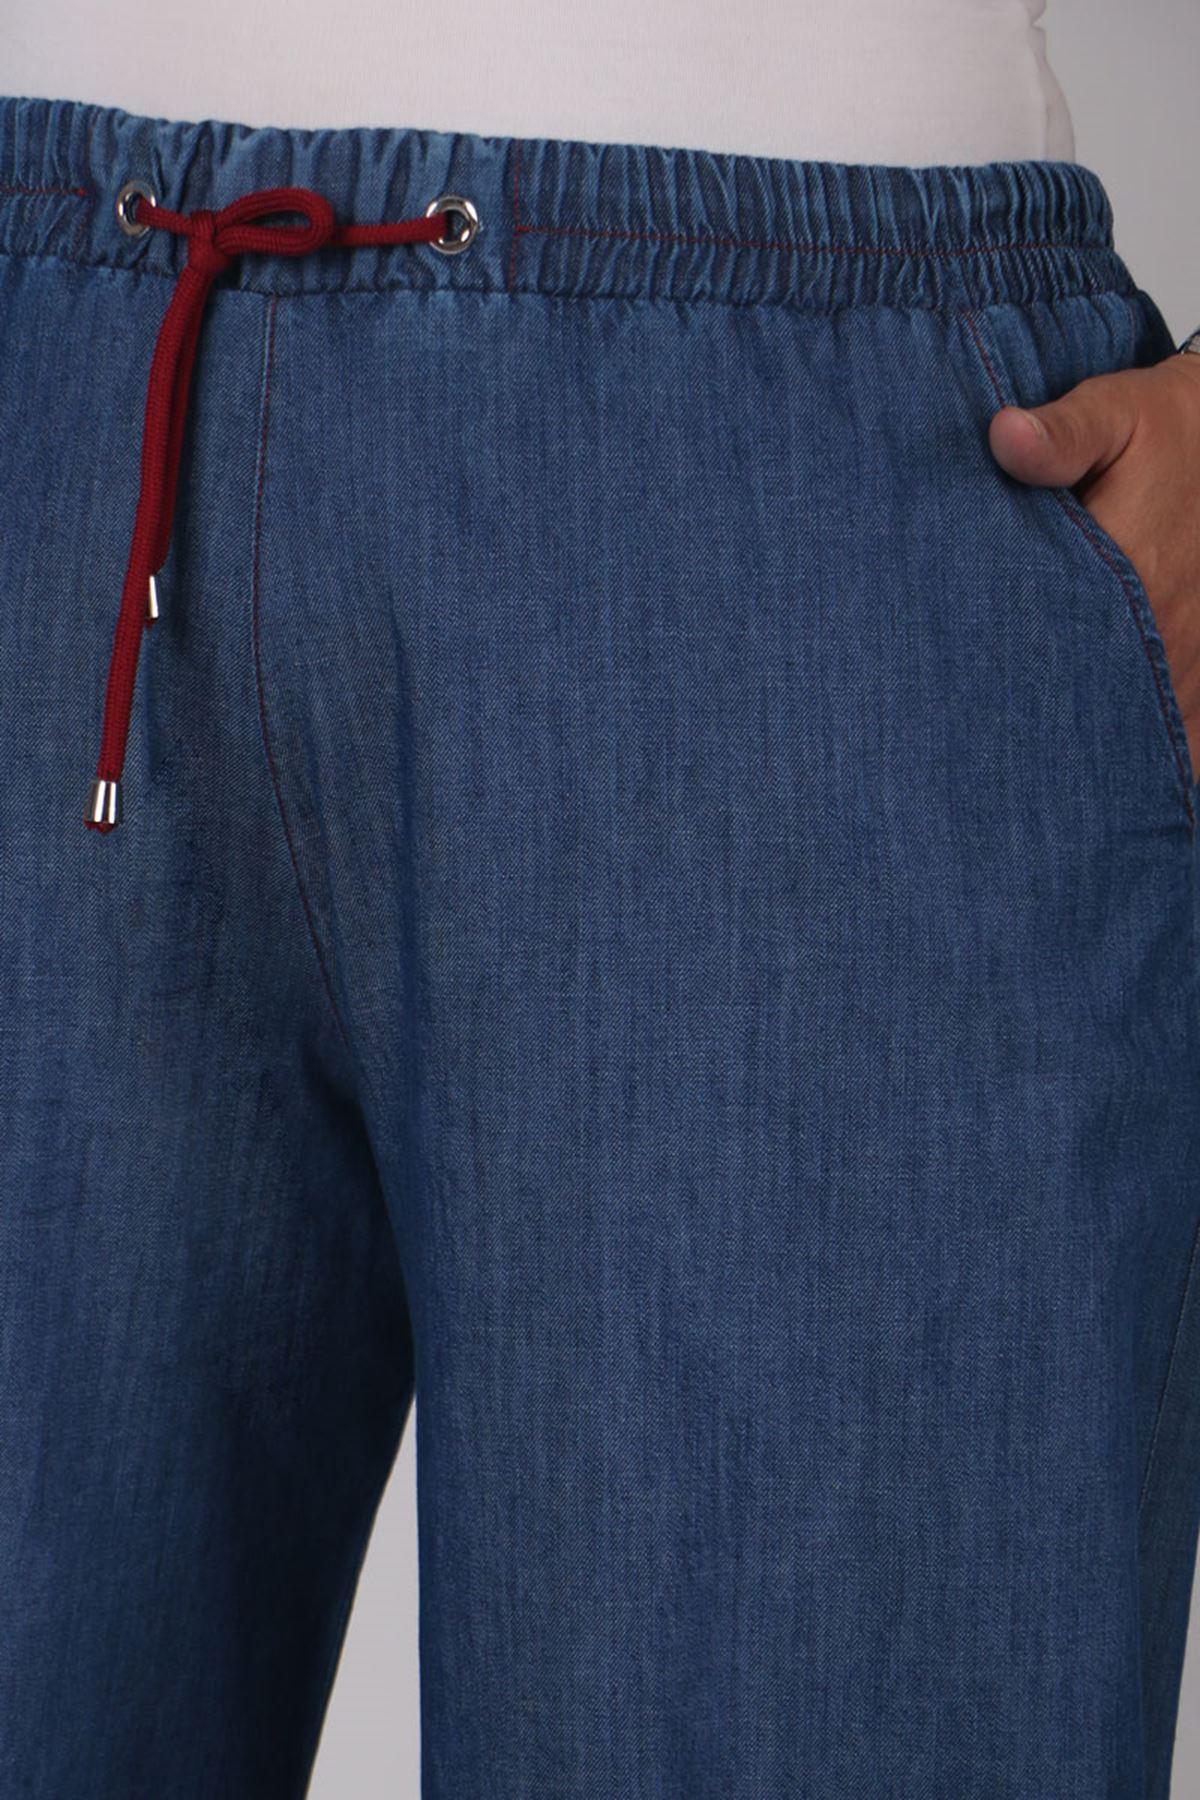 9159 بنطلون جينز واسع الساق و مقاس كبير - أحمر كلاريت - أزرق